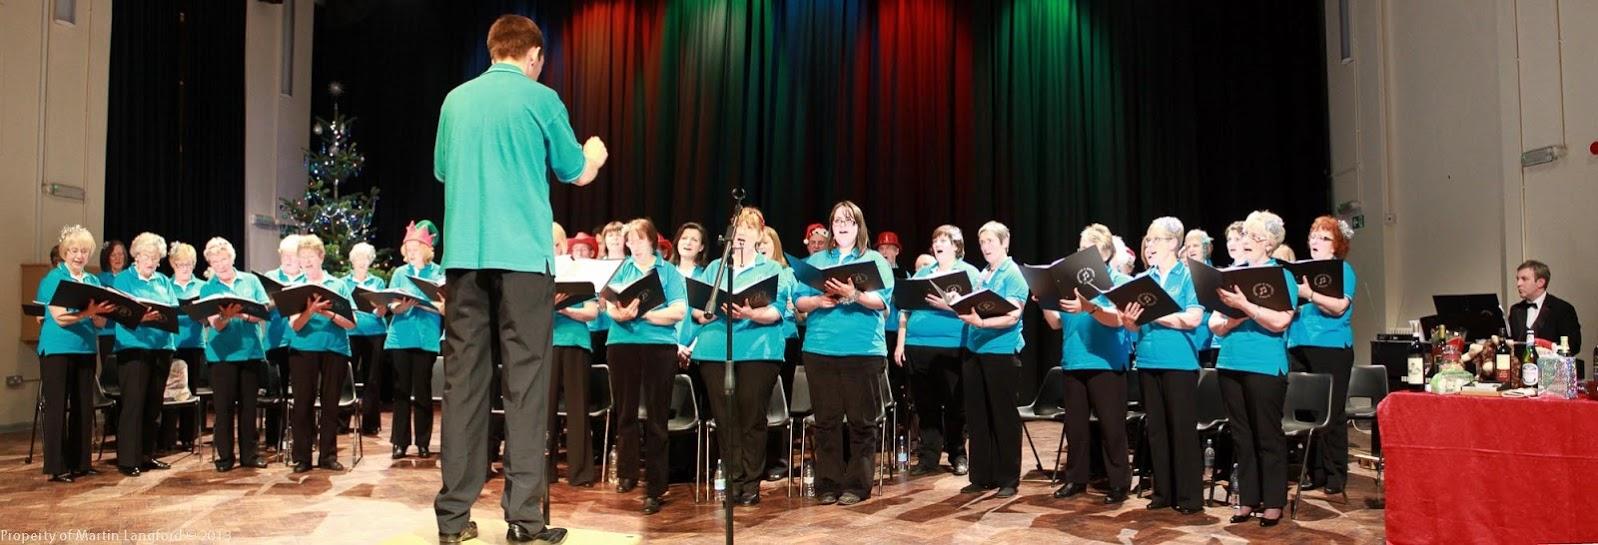 Christmas Concert 2011